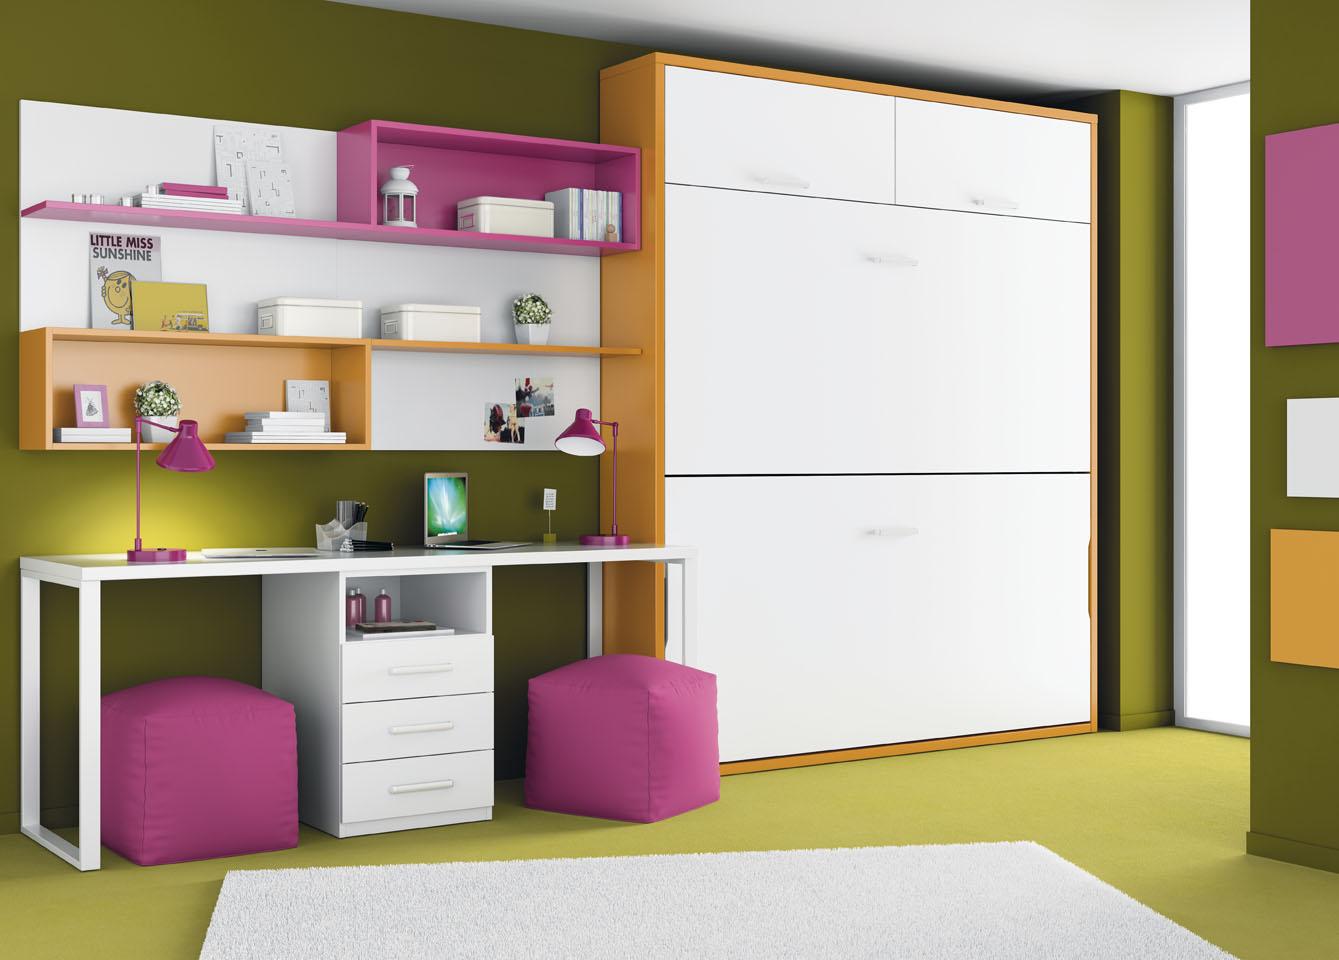 L nea de camas abatibles de ros camas abatibles - Dormitorios con camas abatibles ...